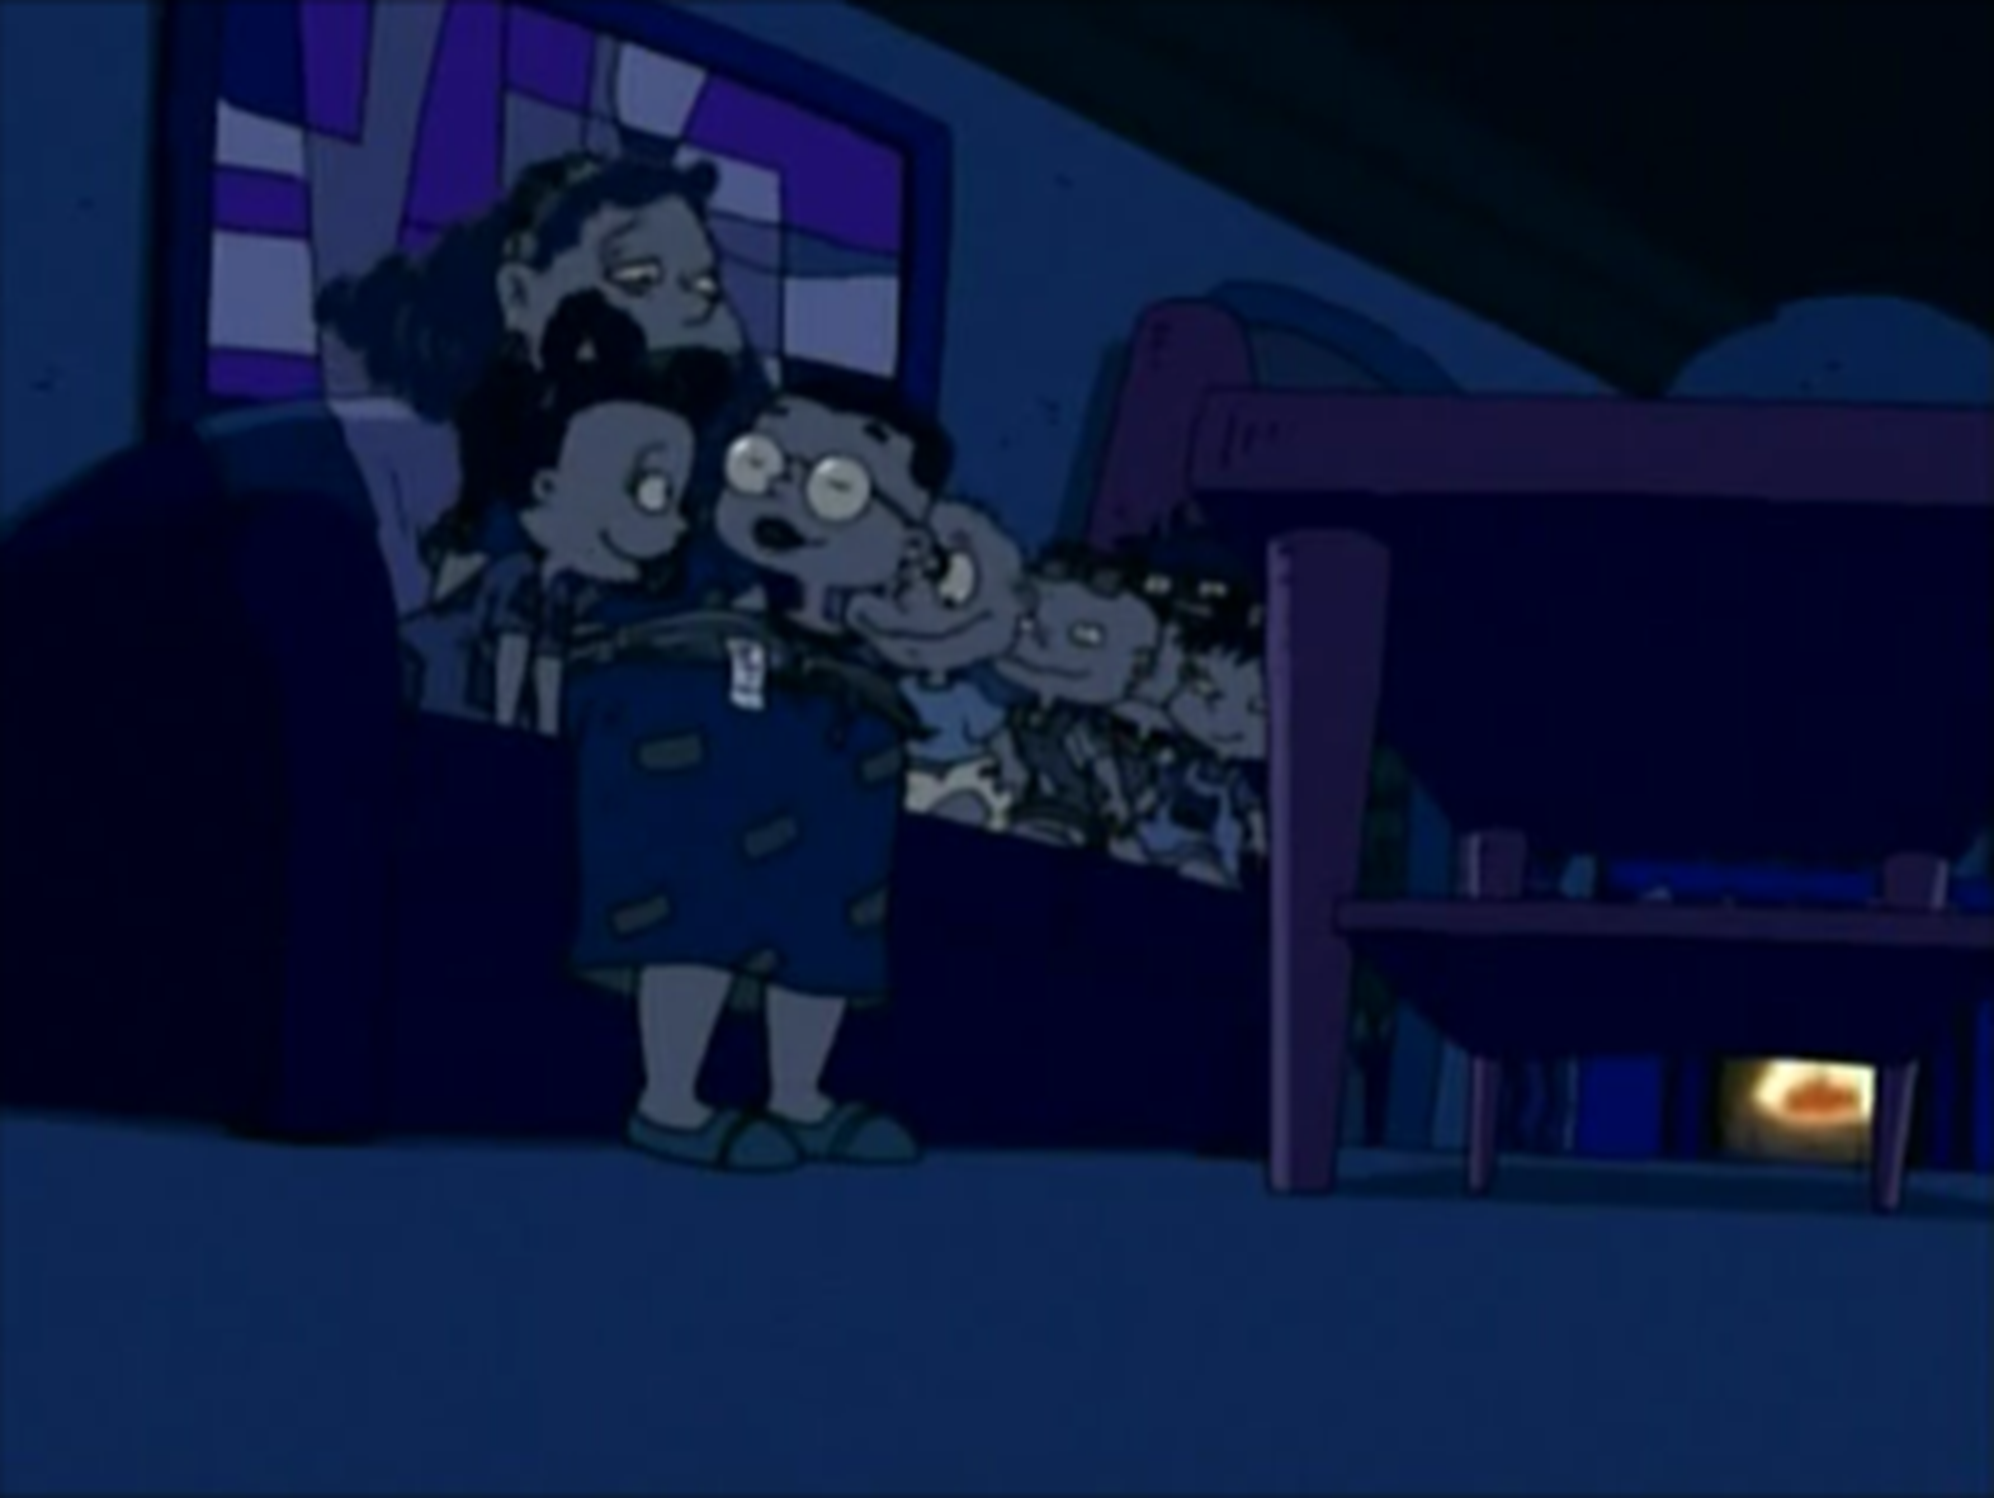 Arquivo:Rugrats - A Rugrats Kwanzaa 190.png